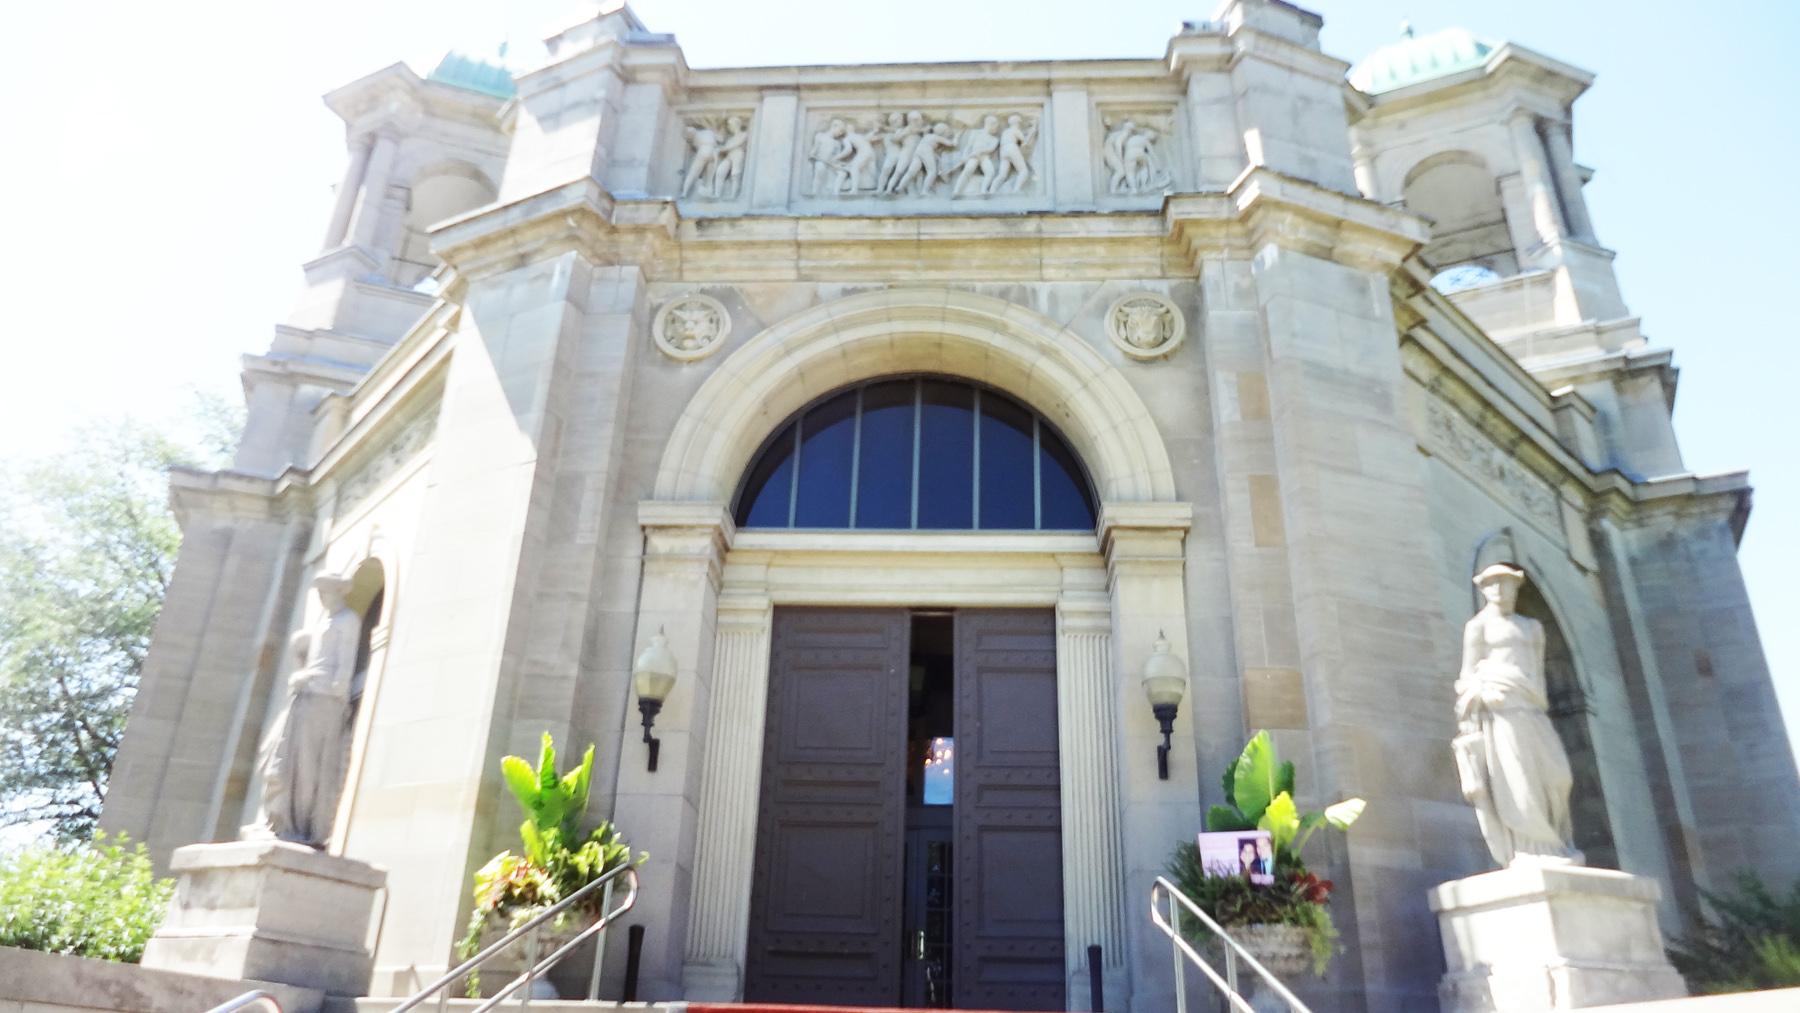 Liberty Grand Reception Entrance Del Vinyl.jpg